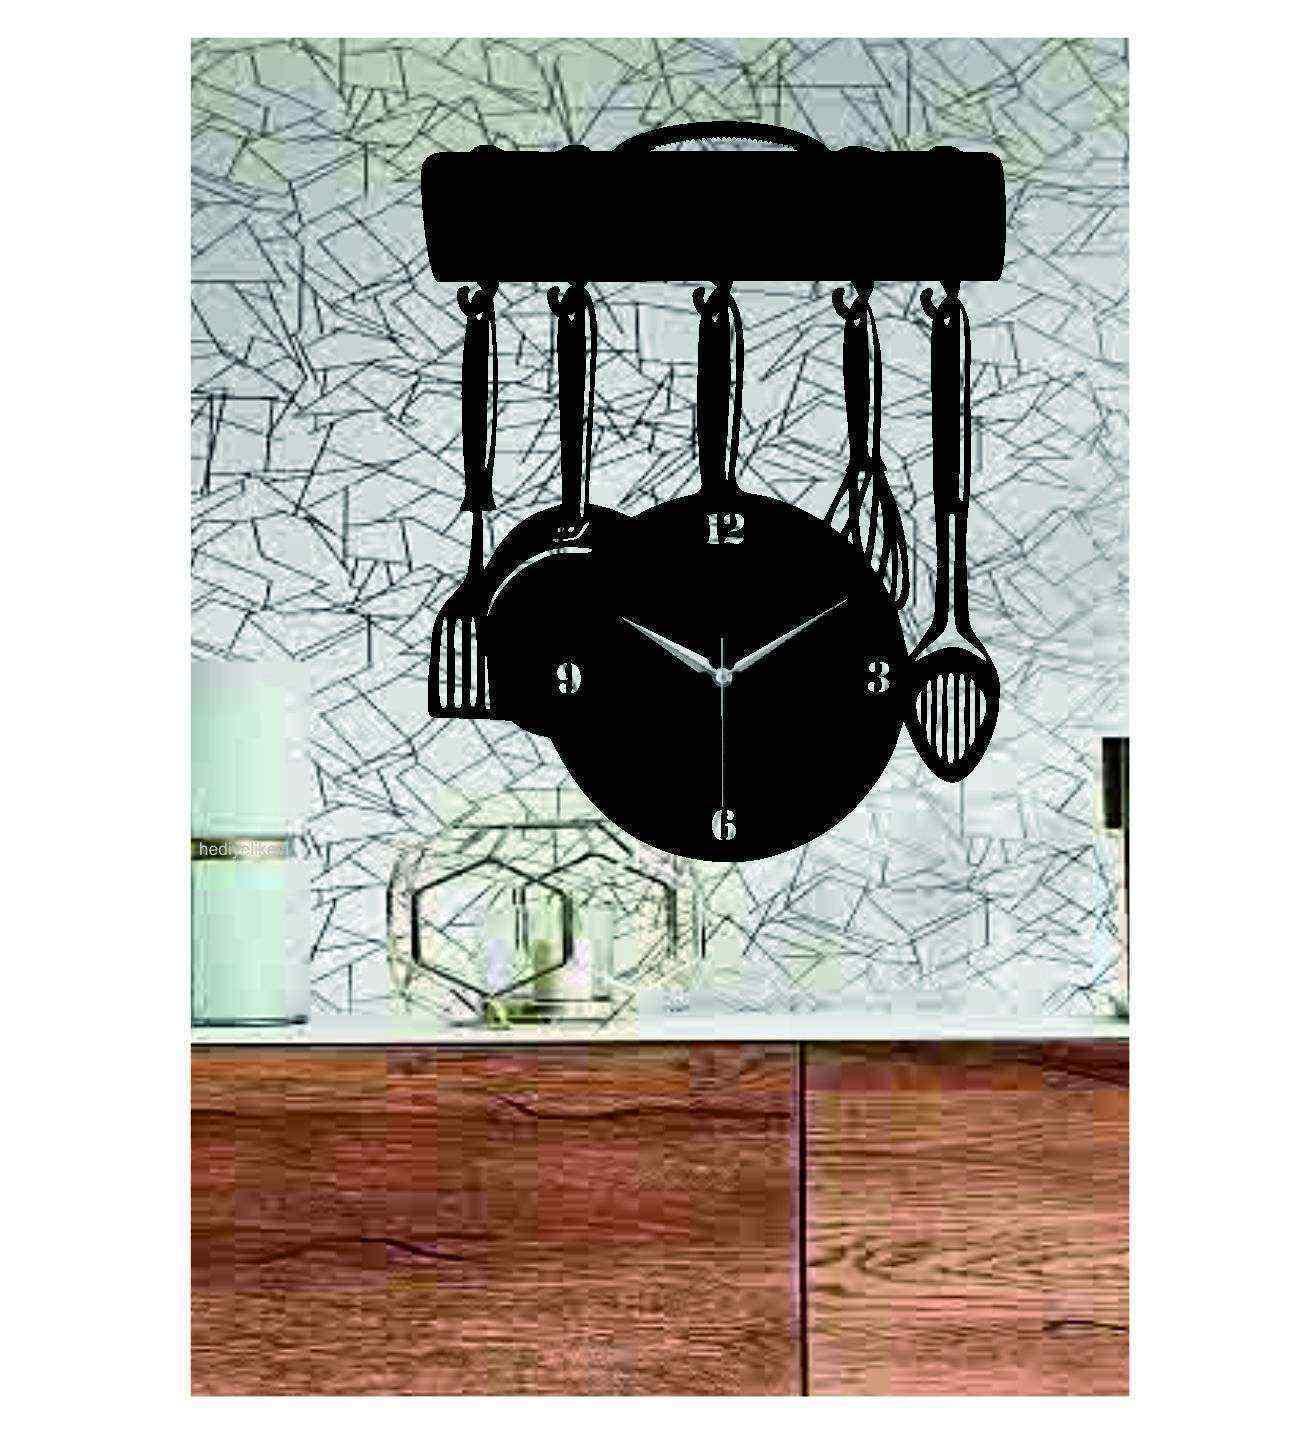 Mutfak 2 Temalı Ahşap Duvar Saati